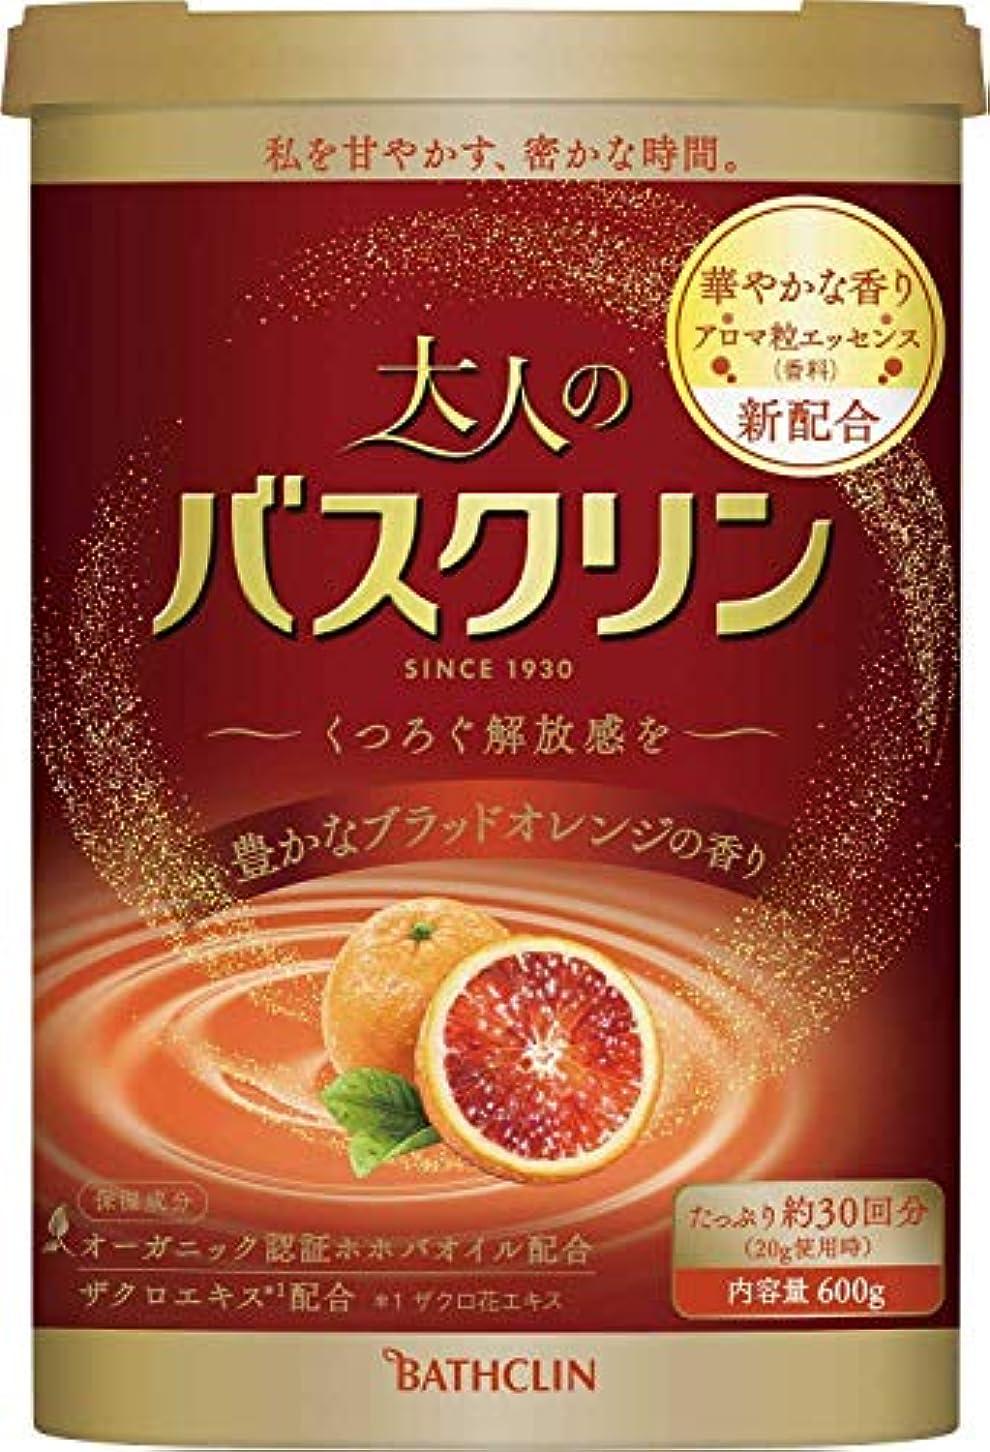 アナログマラソン倉庫大人のバスクリン豊かなブラッドオレンジの香り600g入浴剤(約30回分)